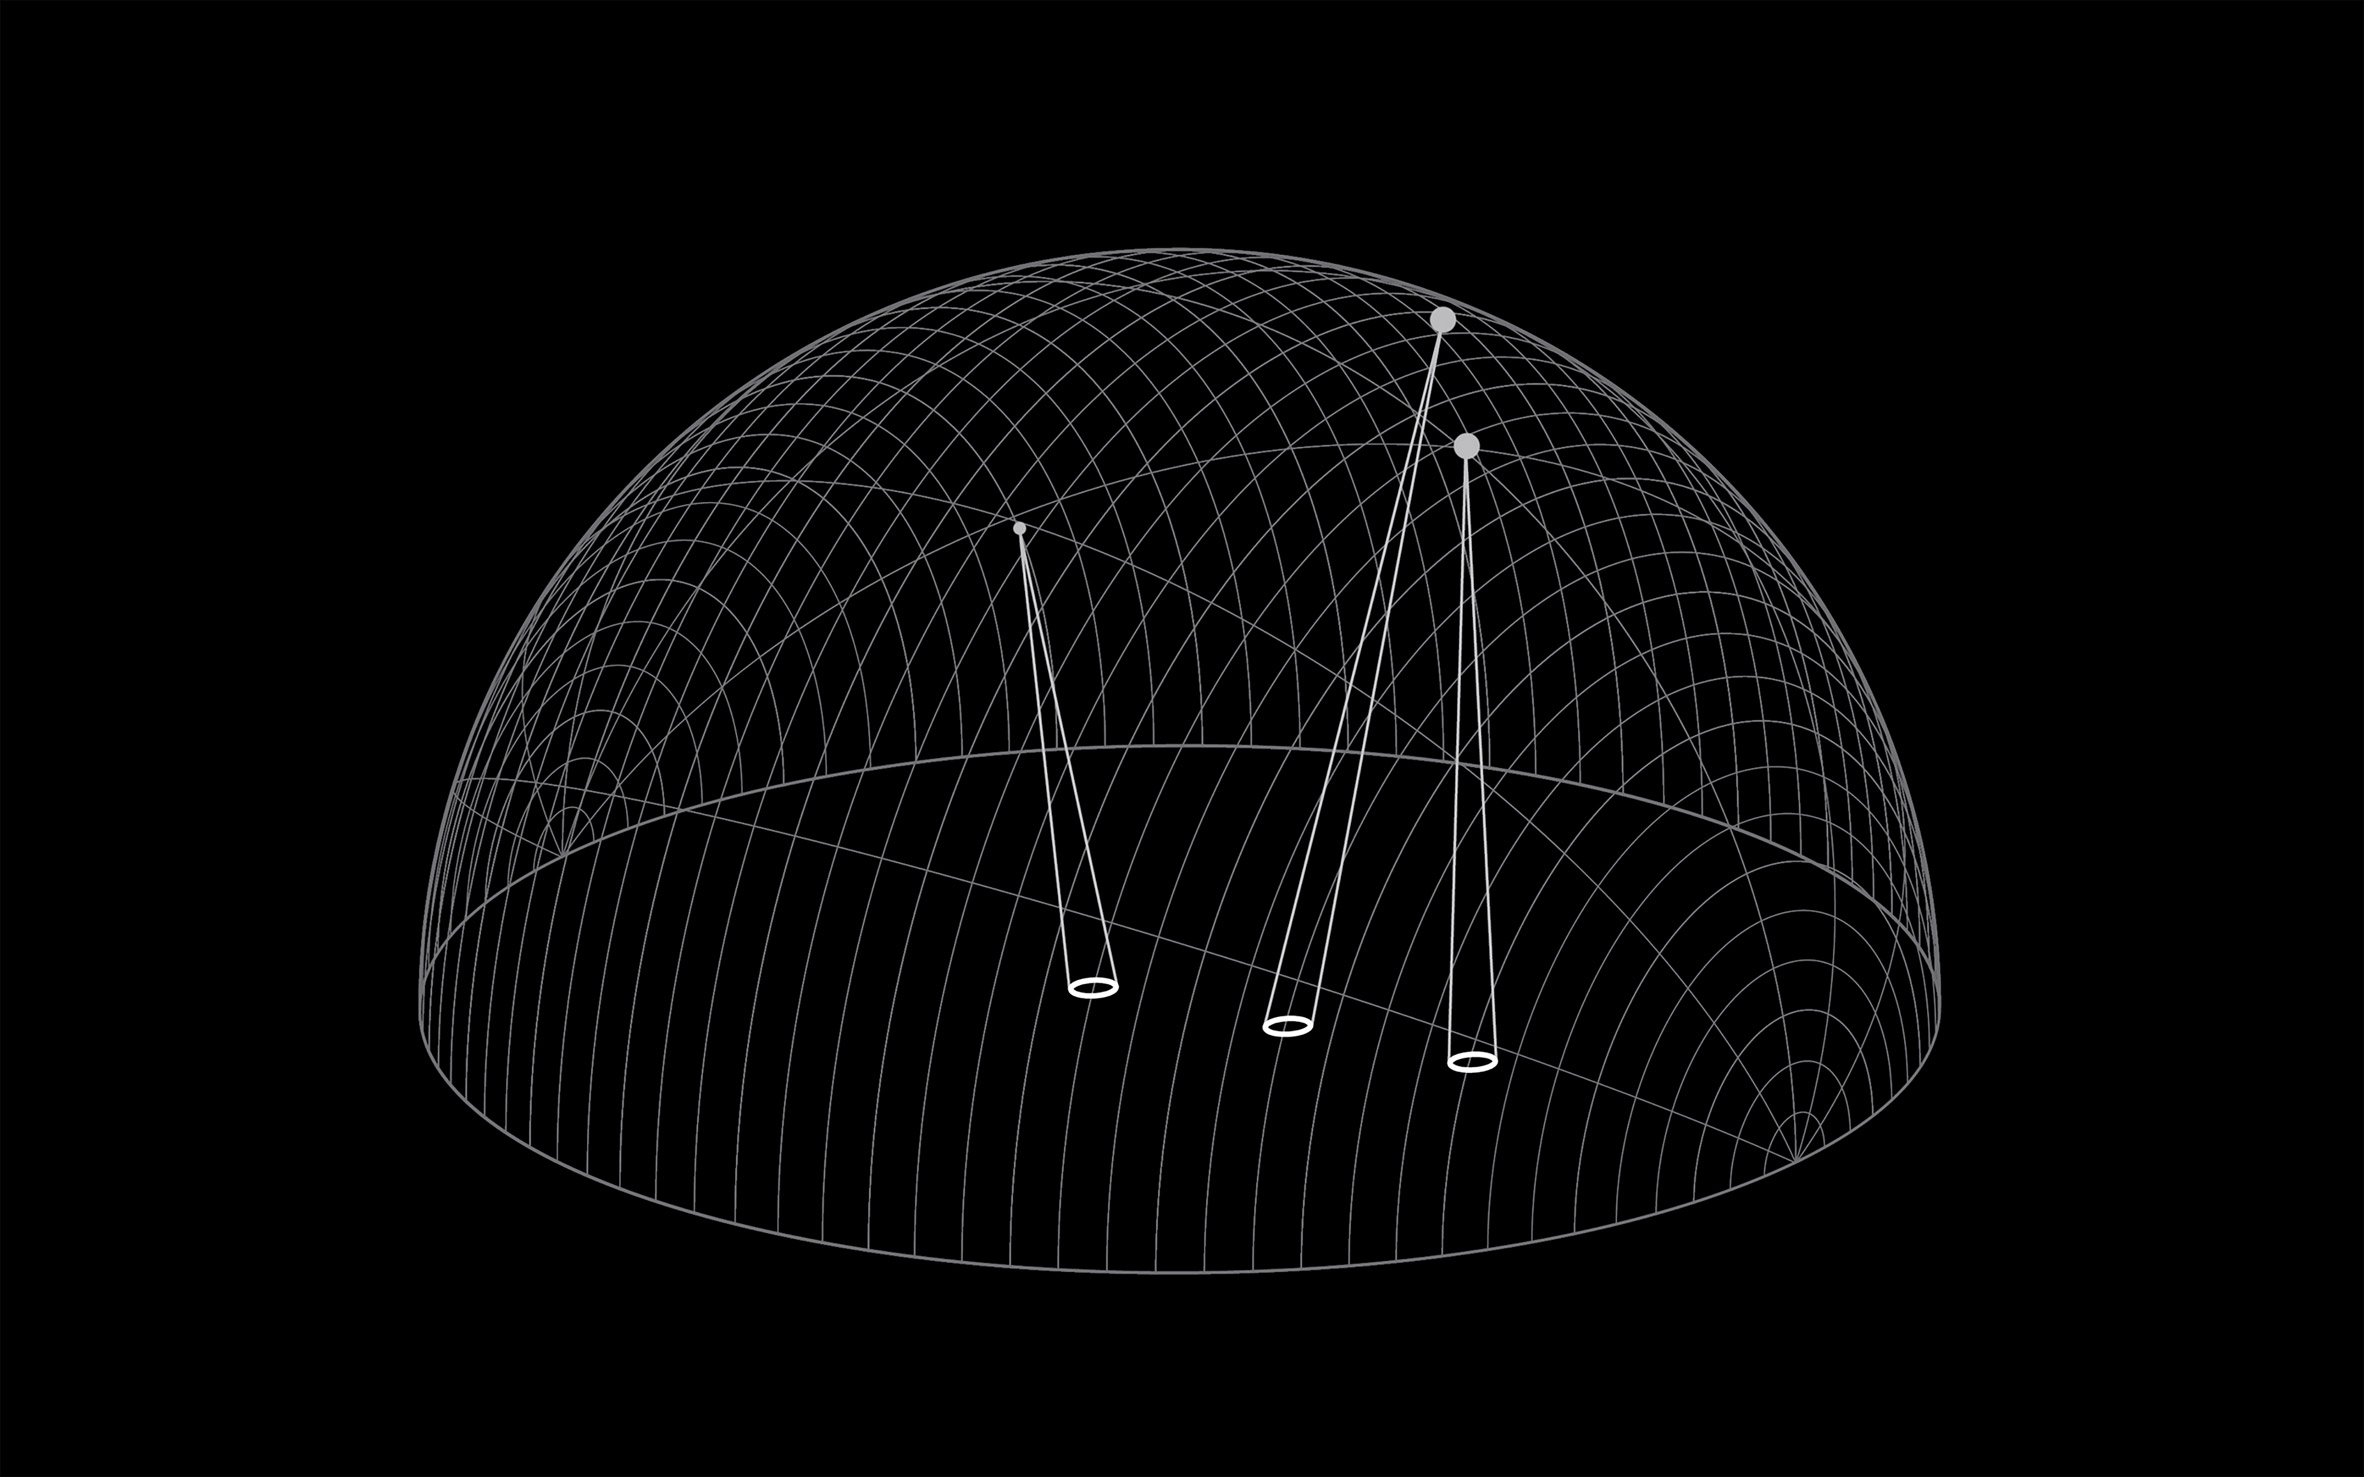 L'installazione di Daan Roosegaarde traccia i rifiuti spaziali| Collater.al